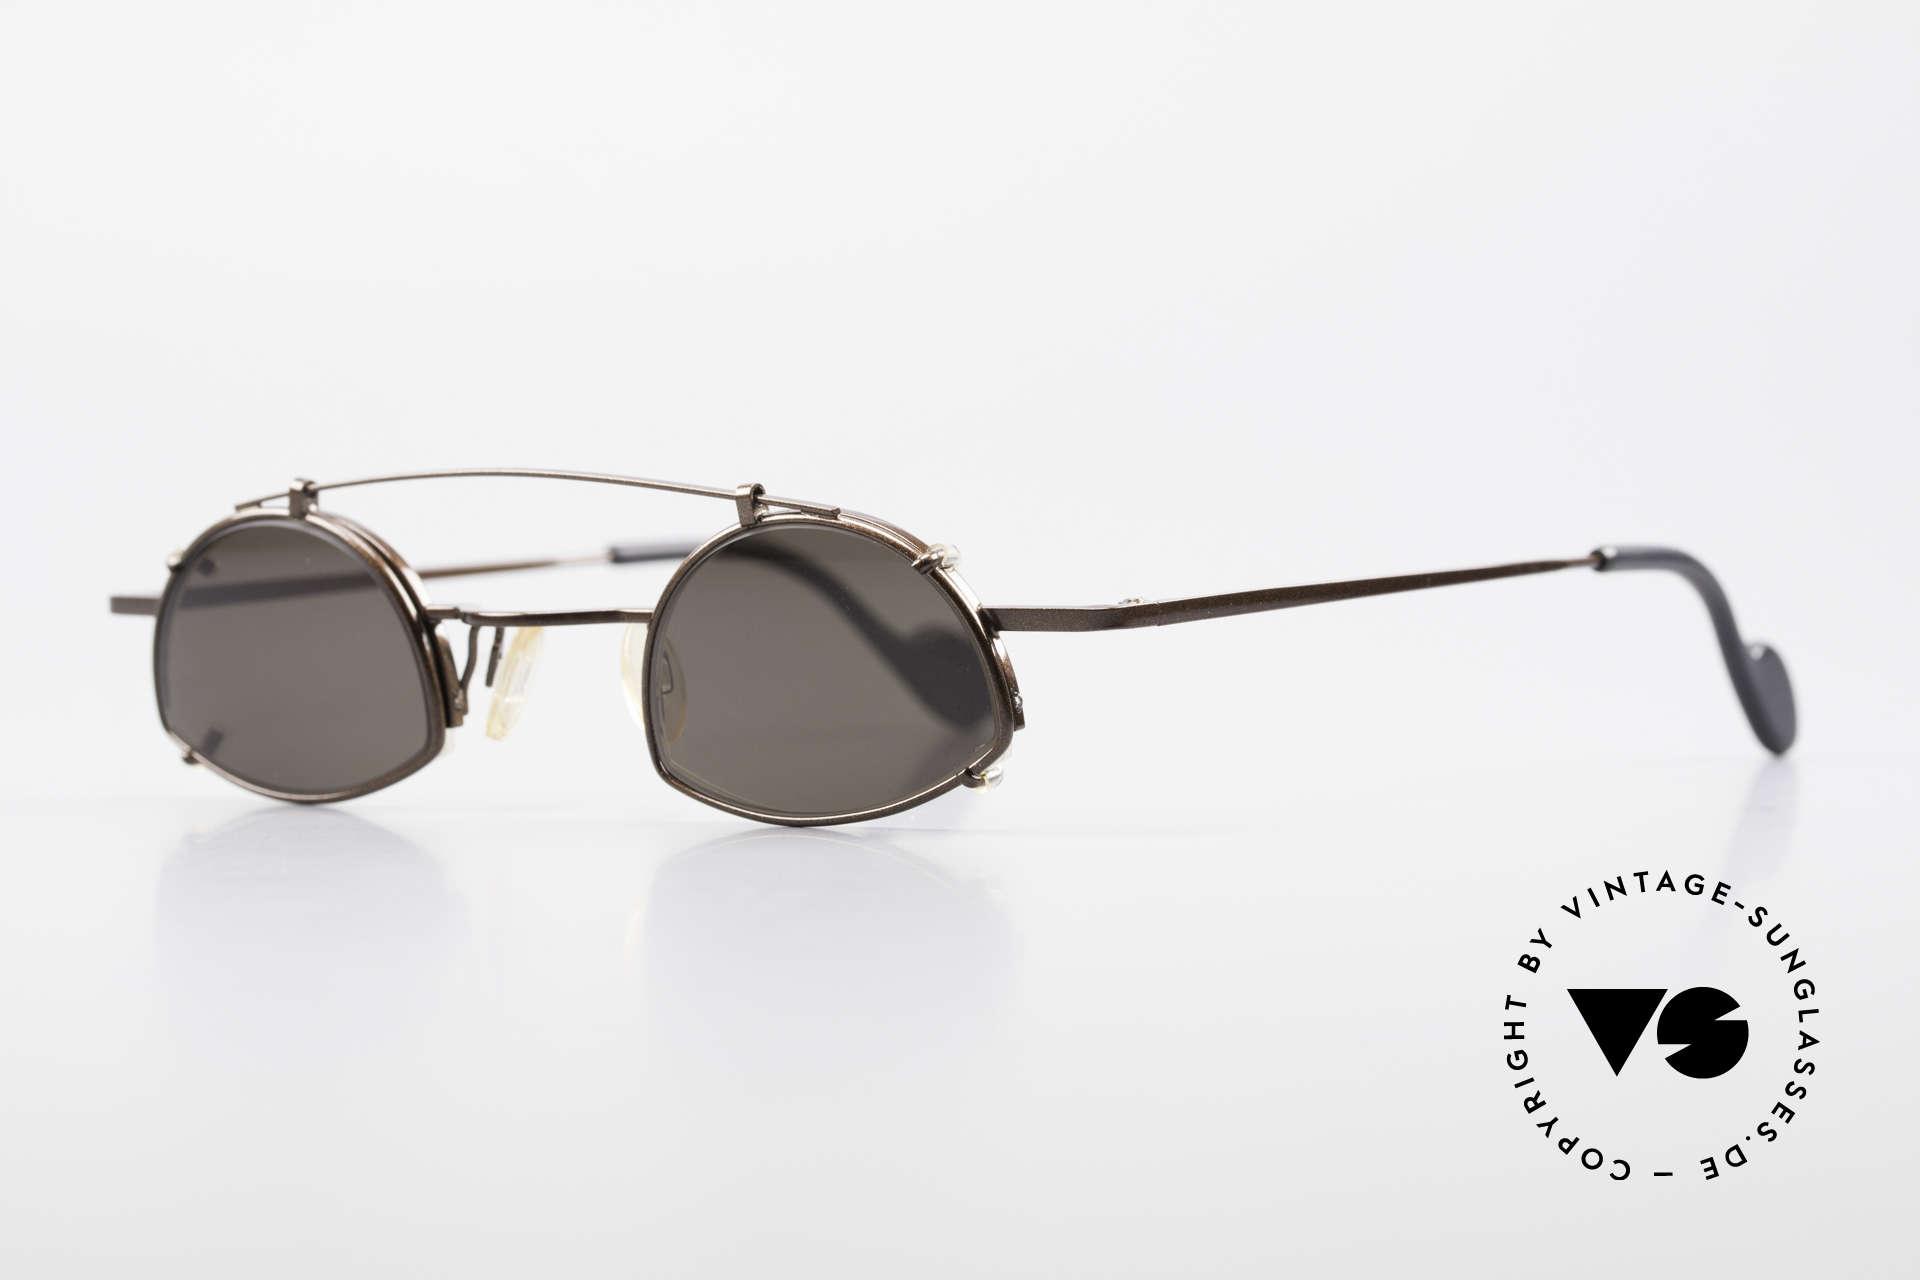 Theo Belgium Poco Kleine Brille mit Sonnenclip, kleines Modell (125mm breit) in dunkelbraun metallic, Passend für Herren und Damen